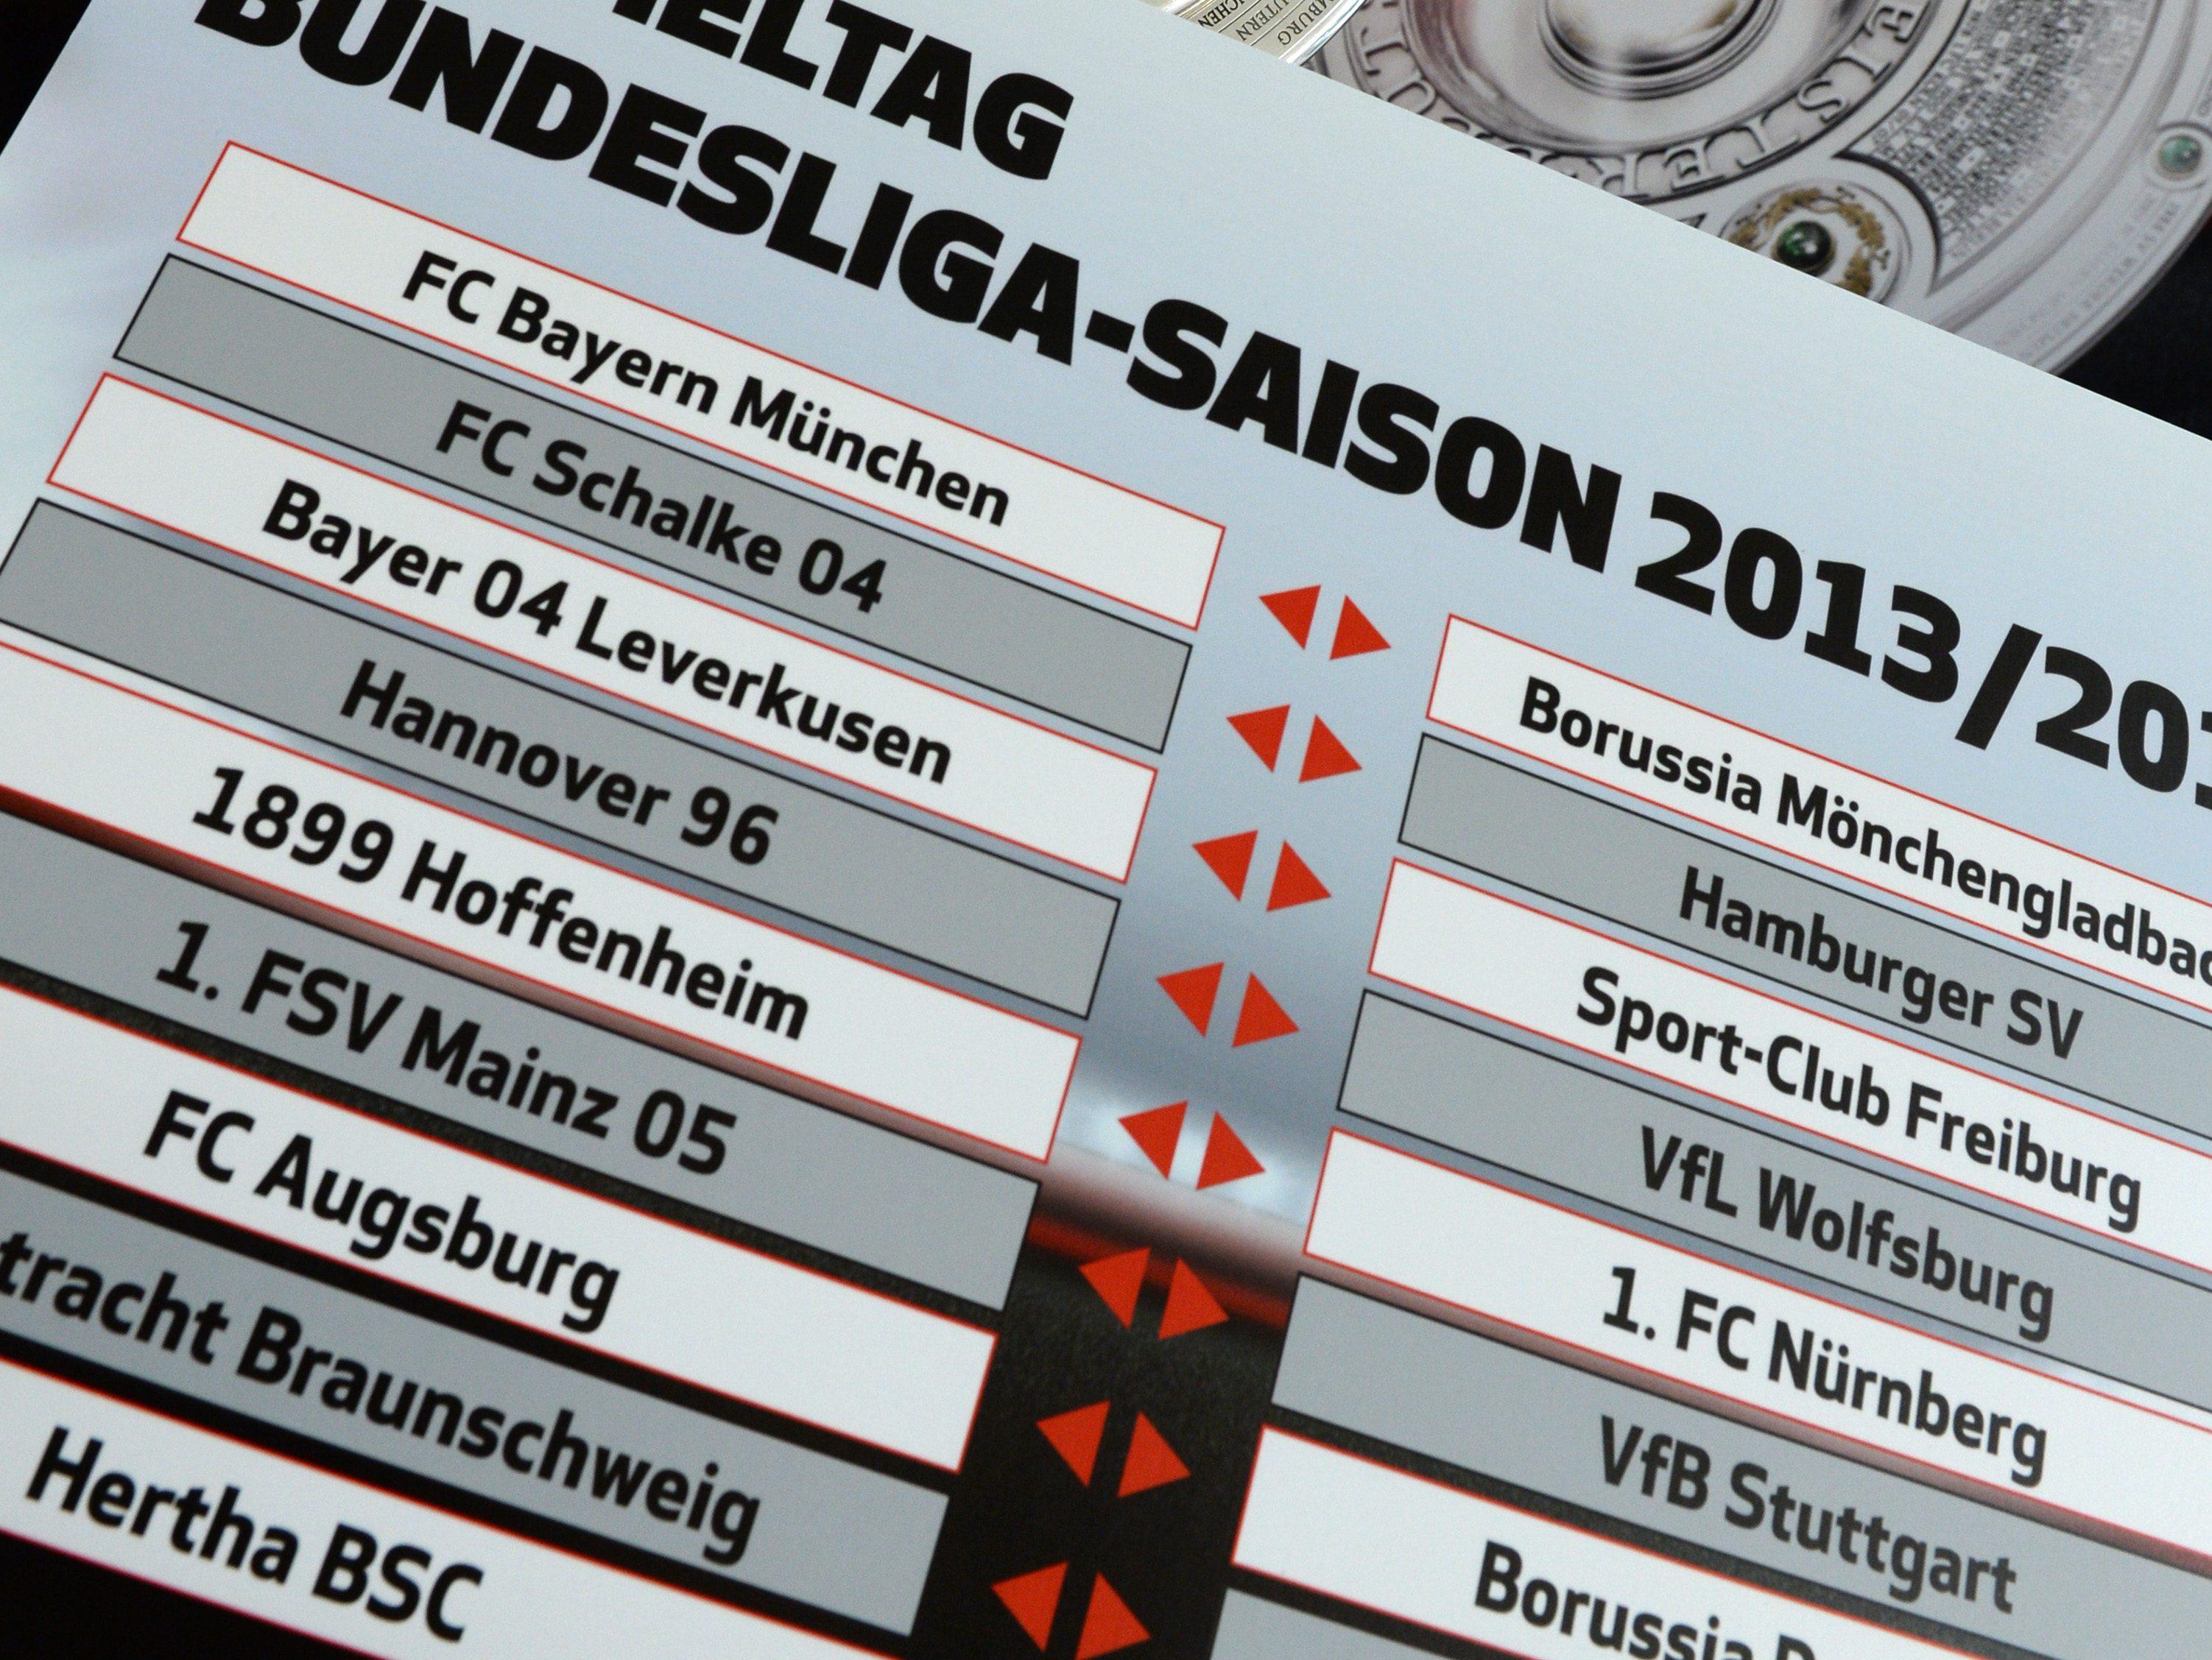 Rückrundenspielplan Bundesliga